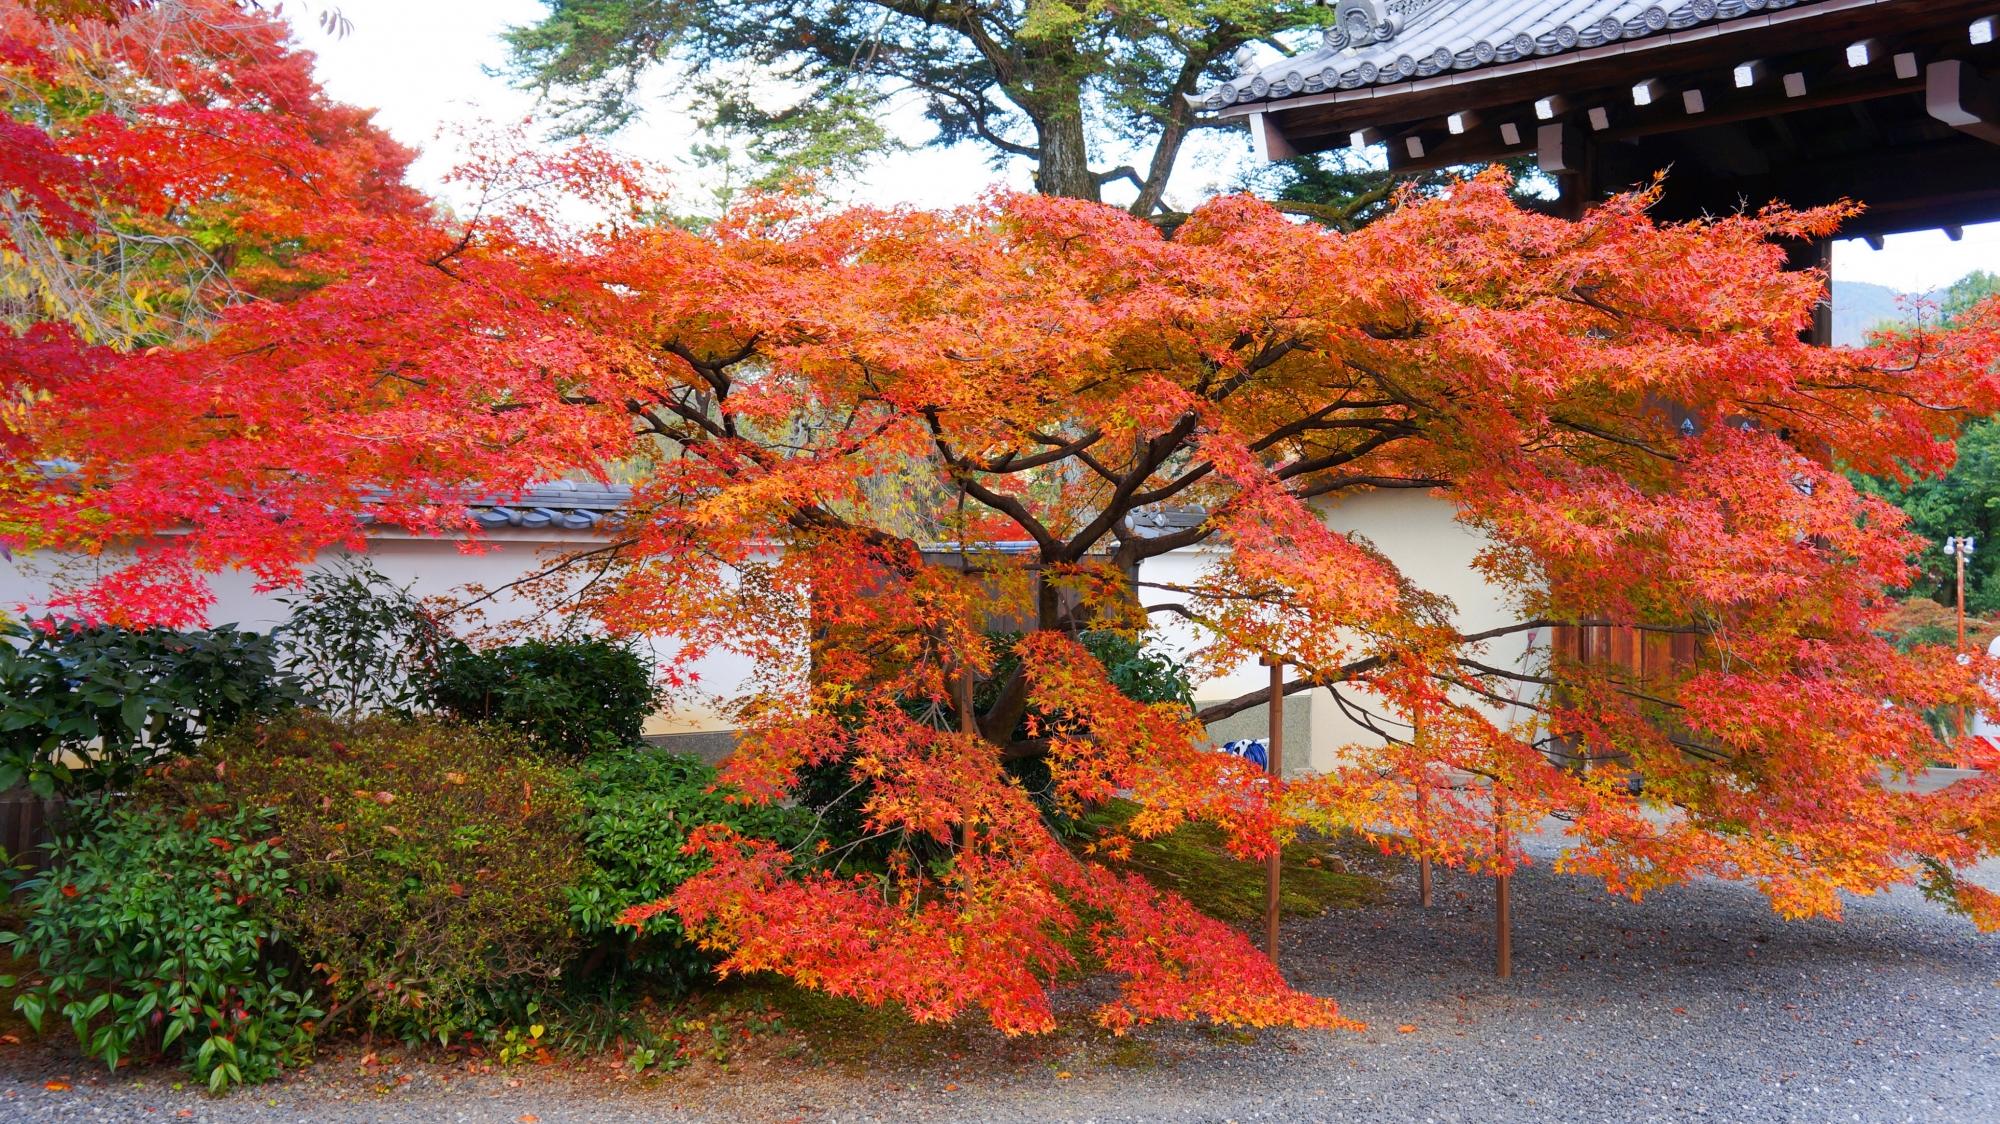 周囲をつつむように華やぐ紅葉